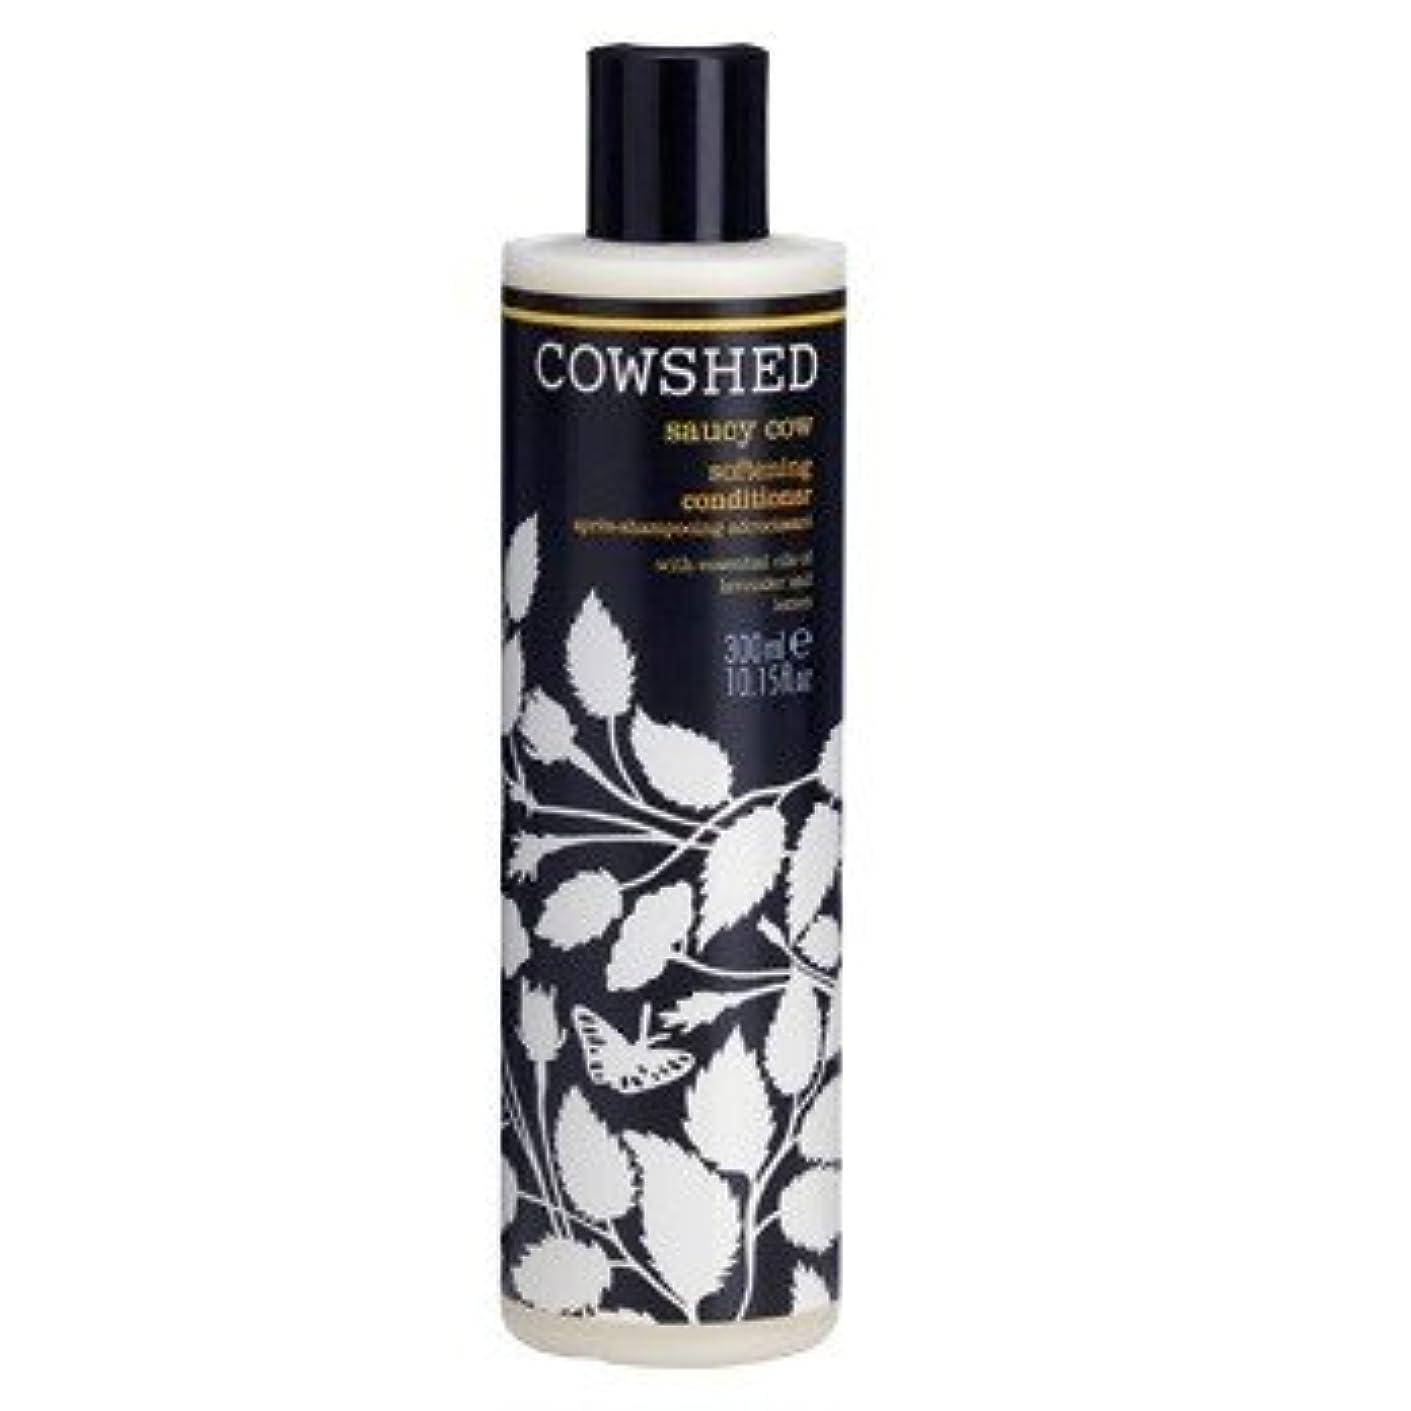 スラッシュ虫を数える禁輸牛舎生意気な牛軟化コンディショナー300ミリリットル (Cowshed) (x2) - Cowshed Saucy Cow Softening Conditioner 300ml (Pack of 2) [並行輸入品]